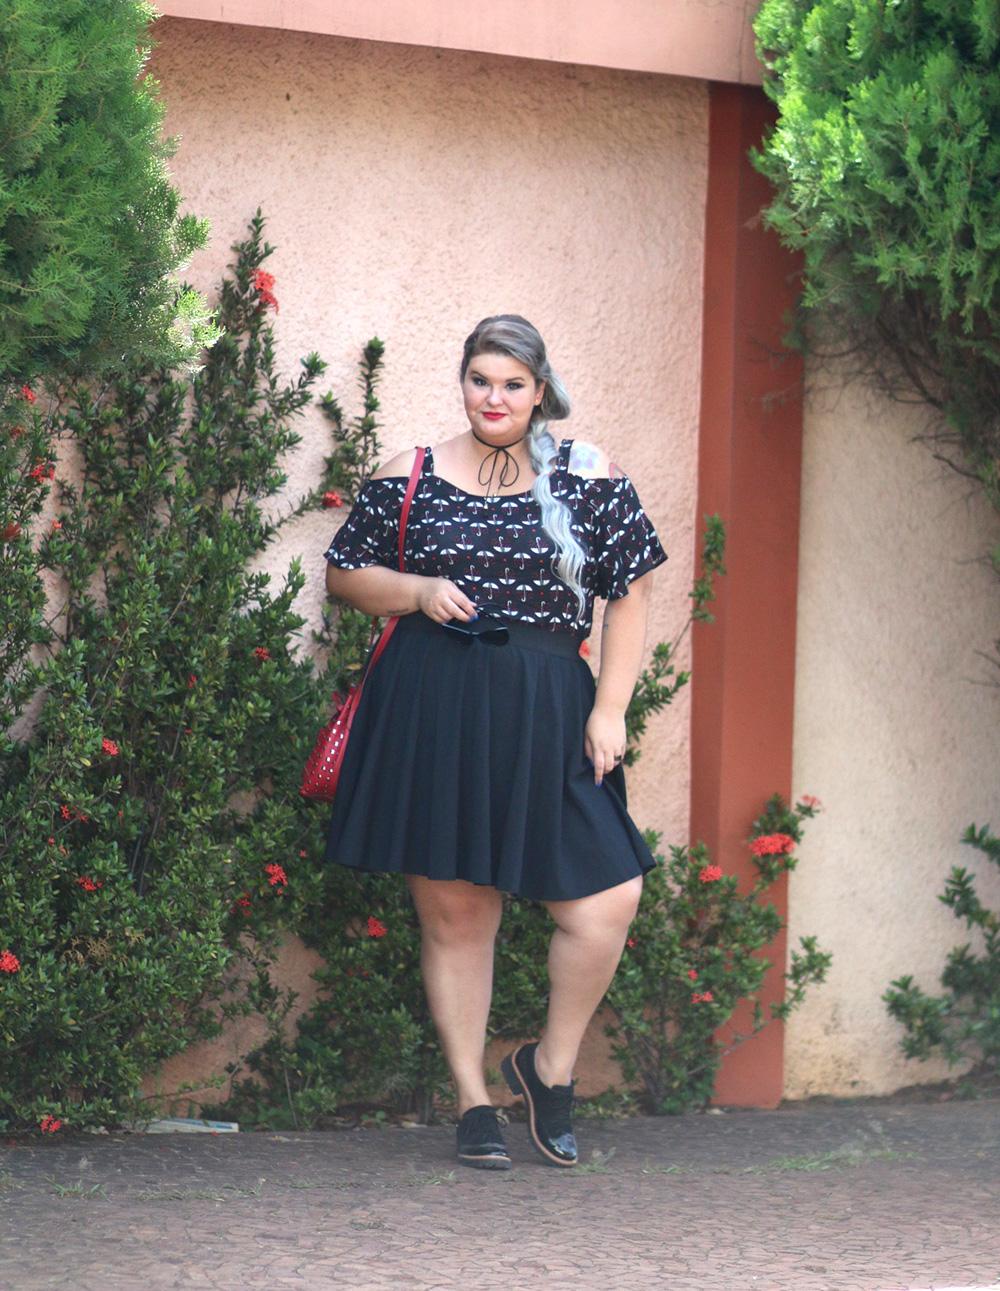 blusa-ombro-a-ombro-romantica-moda-plus-size-look-do-dia-plus-size-moda-para-gordinhas-grandes-mulheres-8